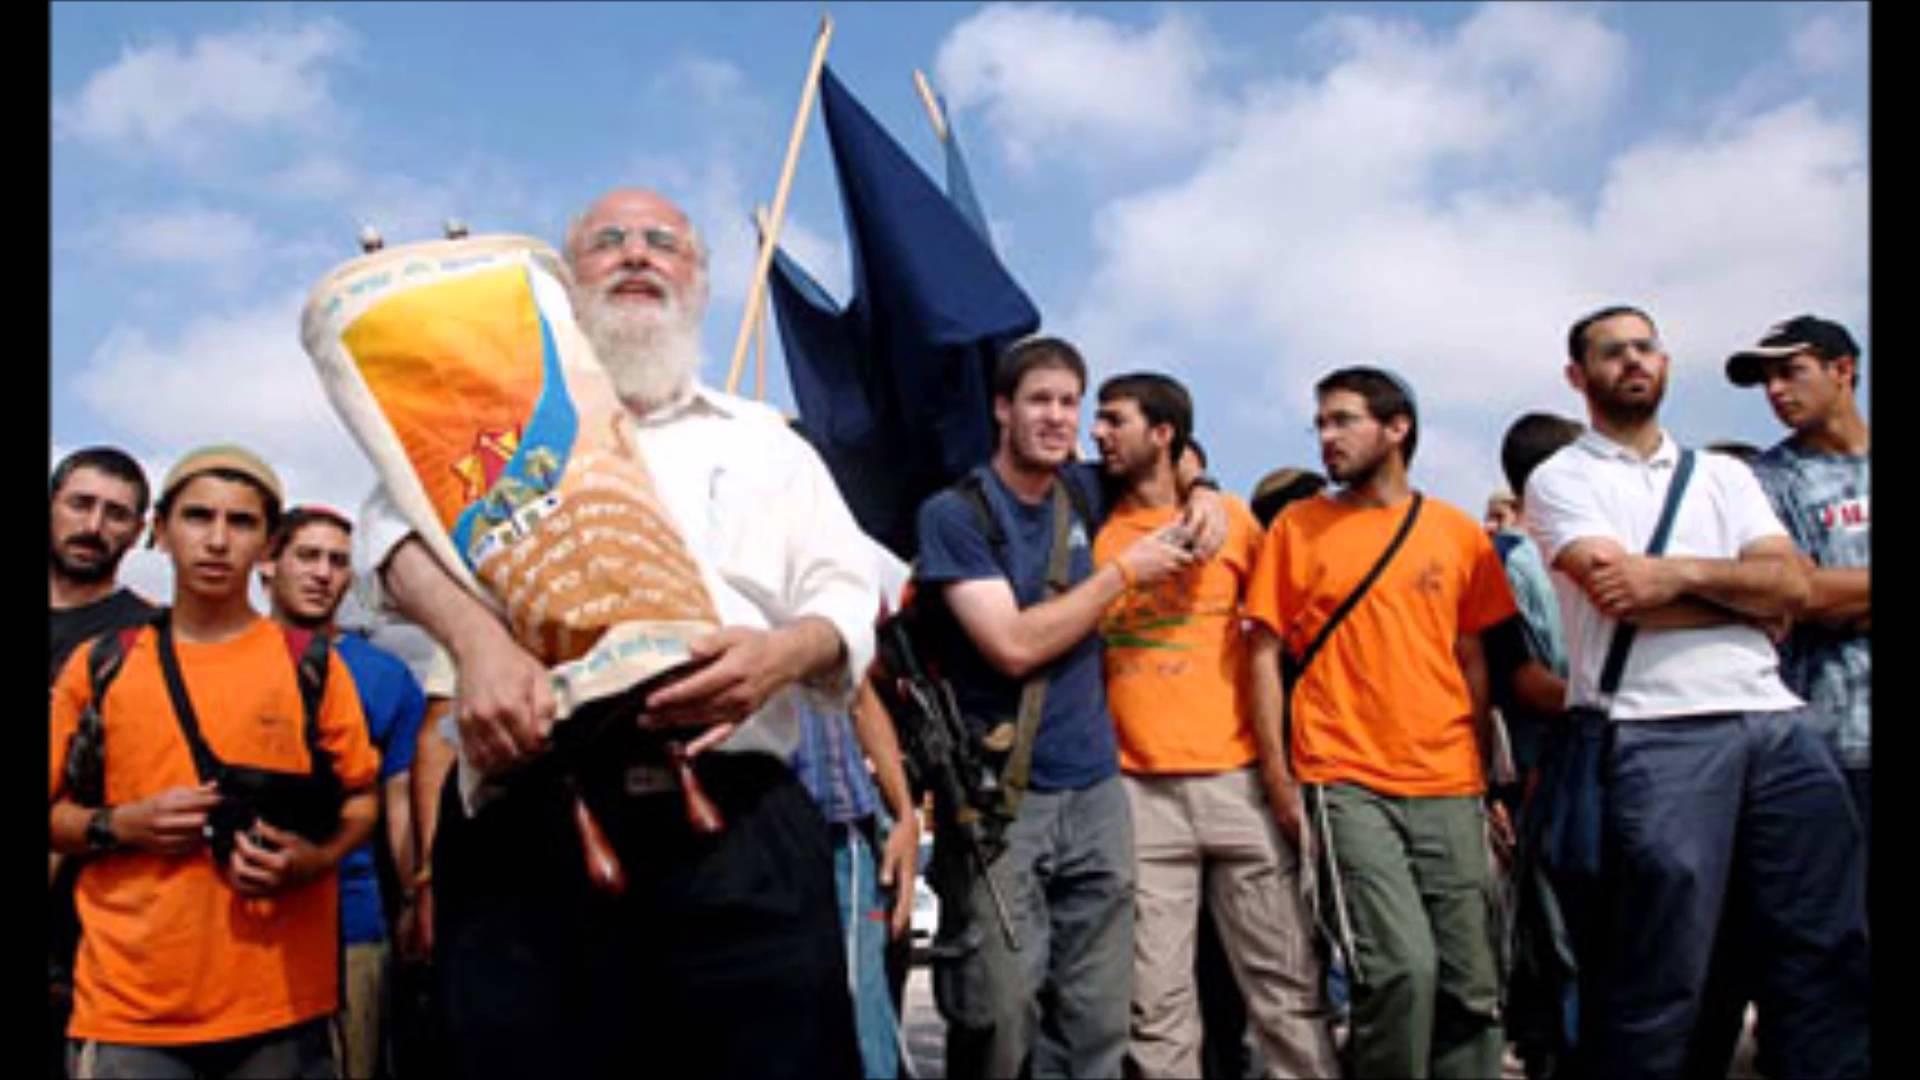 קורס ציונות- סוגיות בחברה הישראלית